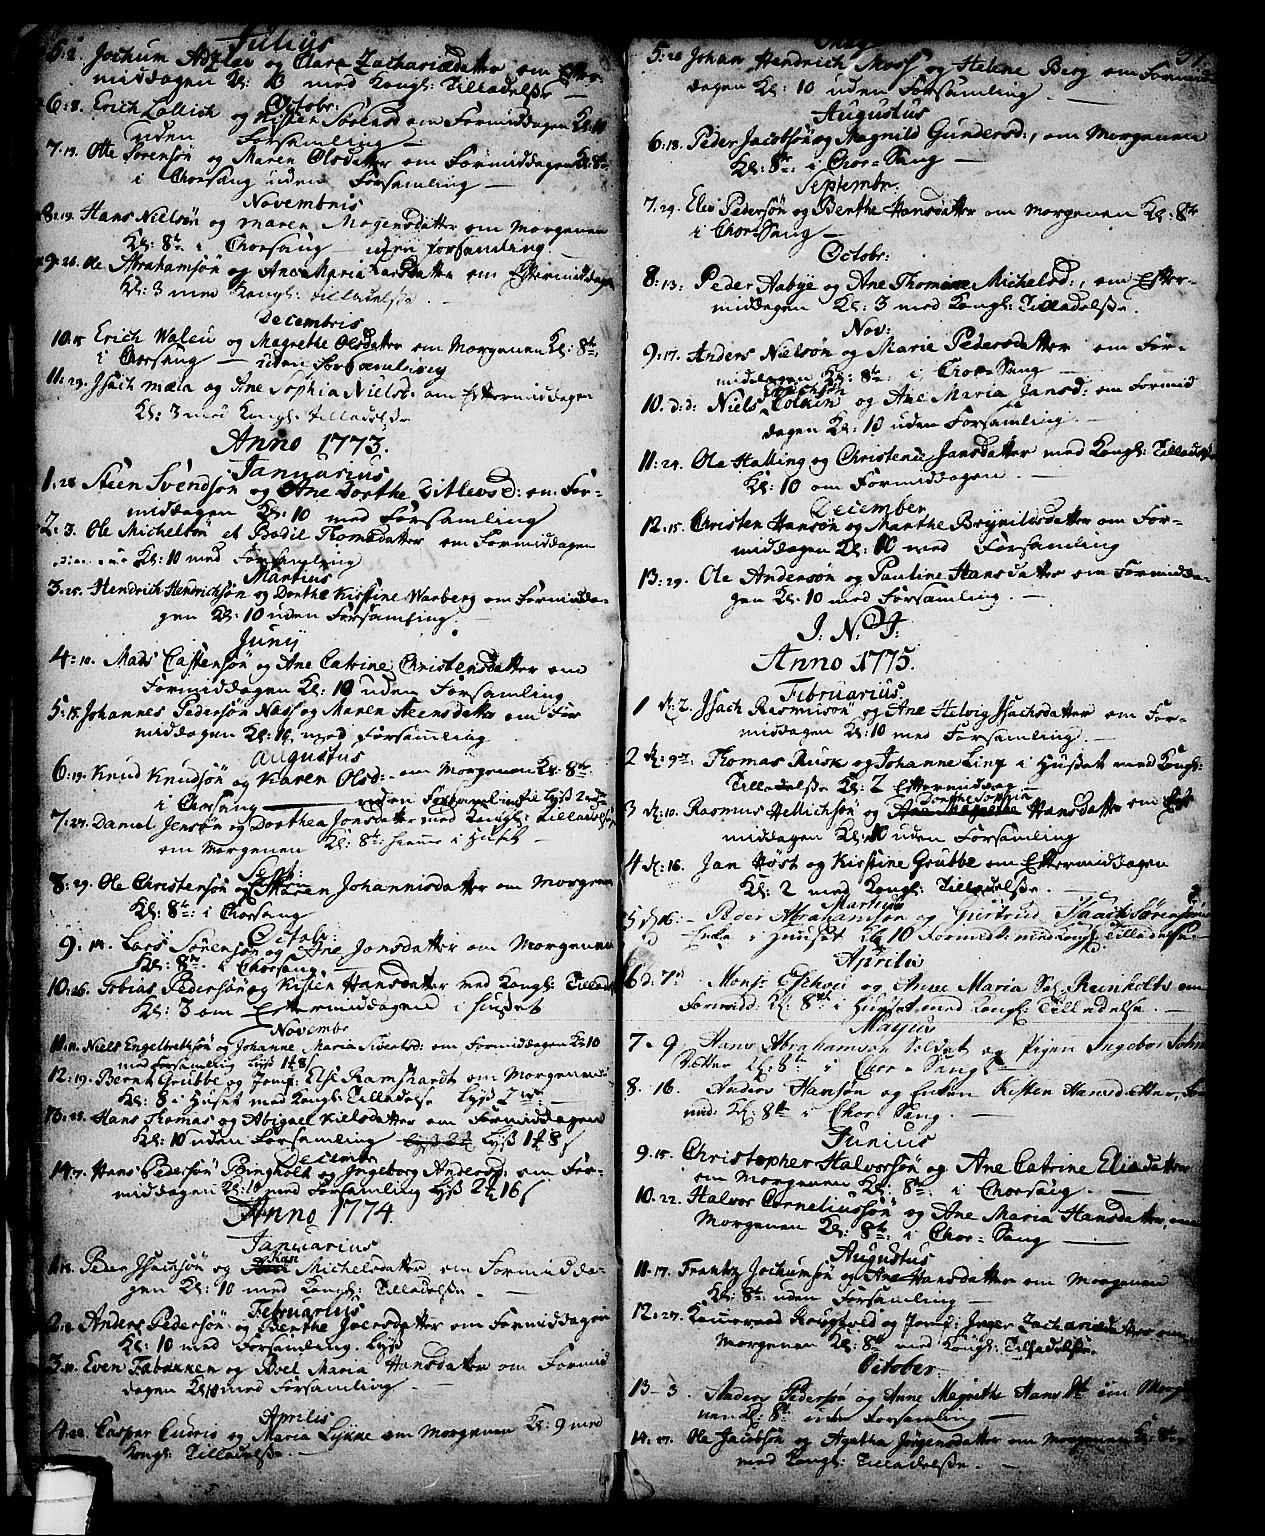 SAKO, Skien kirkebøker, G/Ga/L0001: Klokkerbok nr. 1, 1756-1791, s. 37